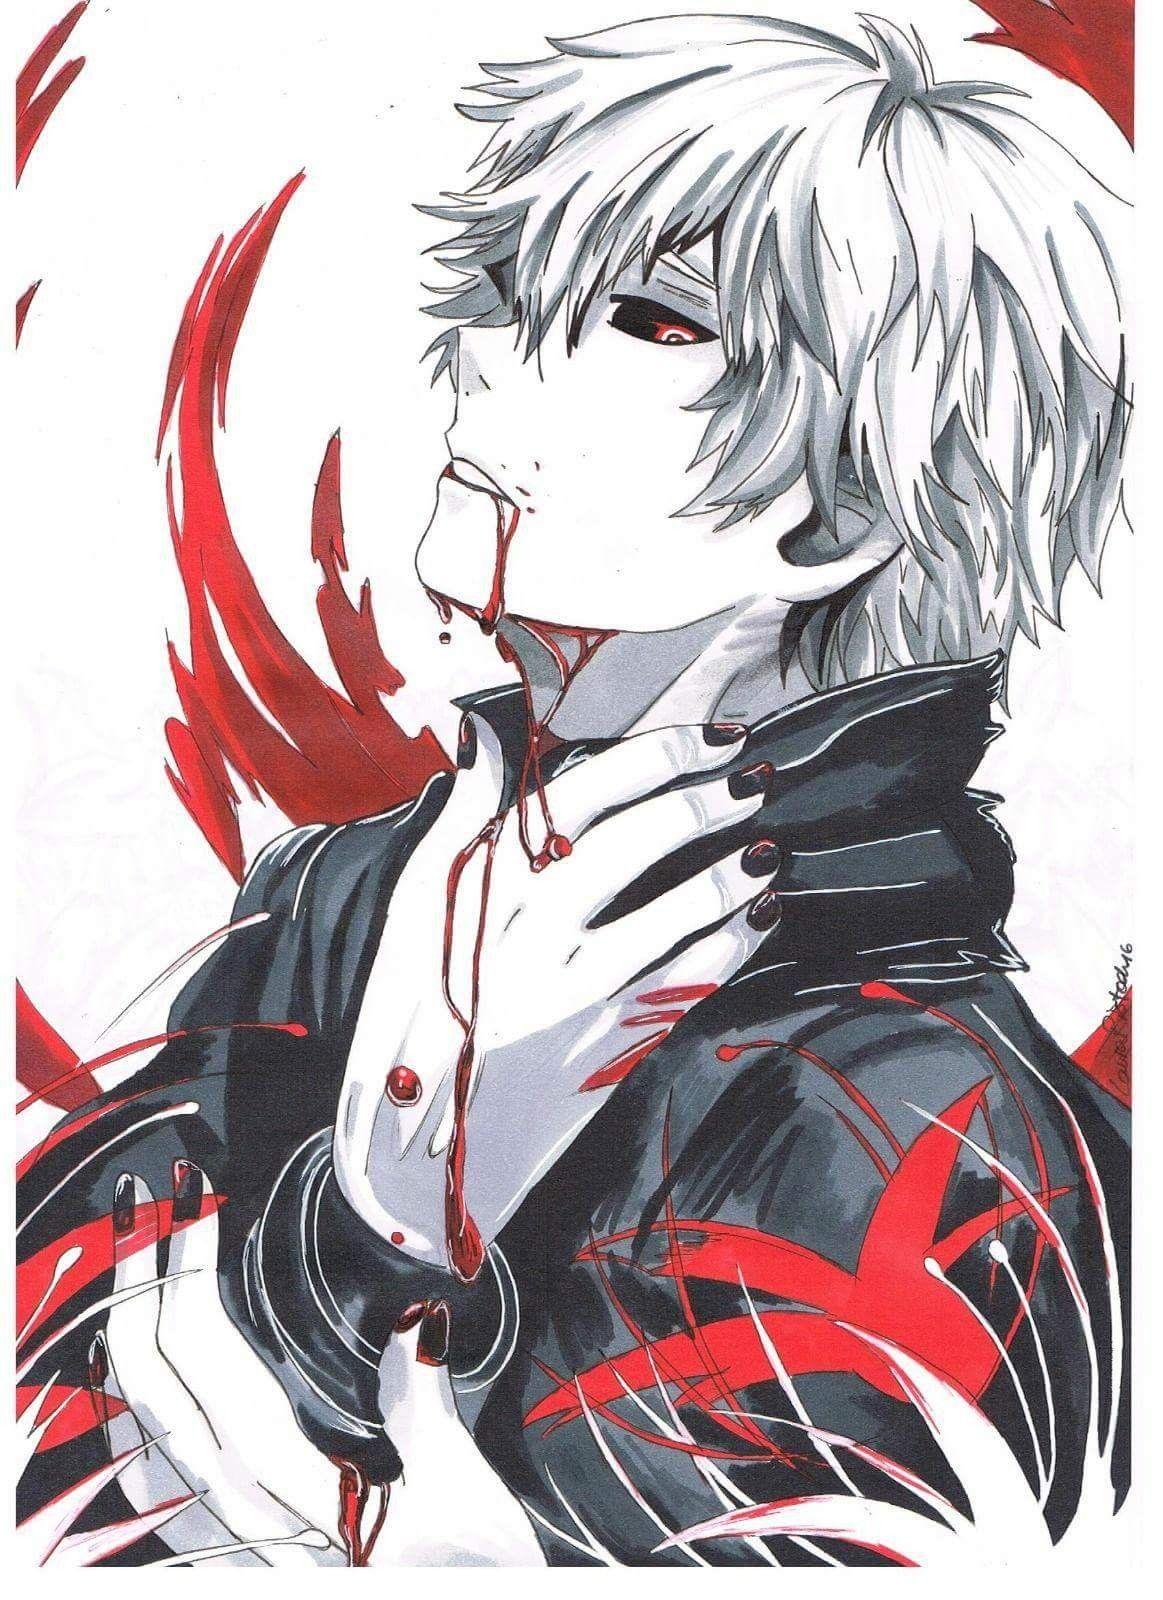 Pin de Frances Bautista em Anime/Manga Ghoul tóquio